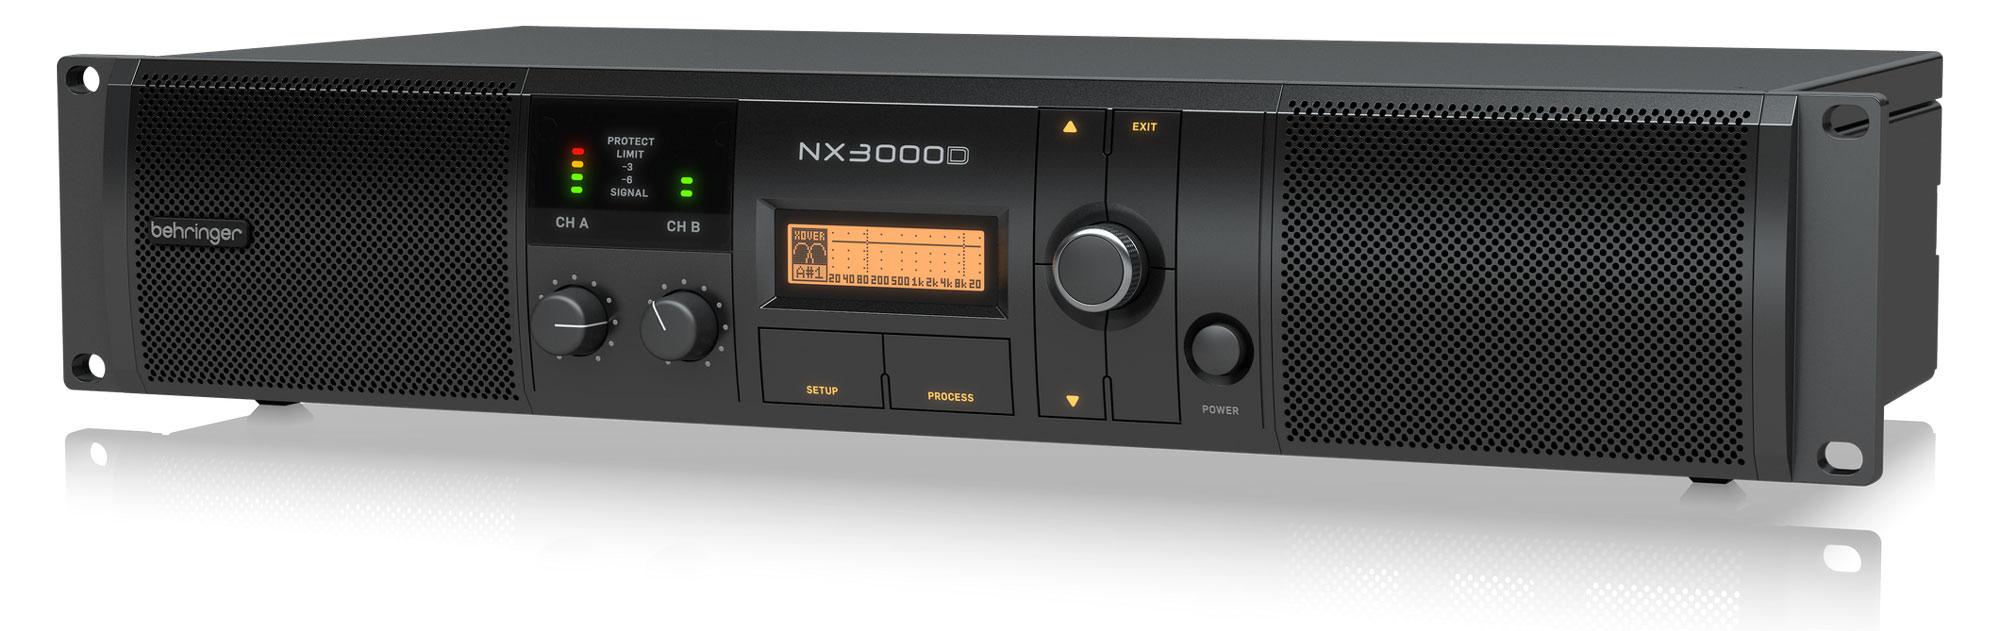 Paendstufen - Behringer NX3000D Endstufe - Onlineshop Musikhaus Kirstein